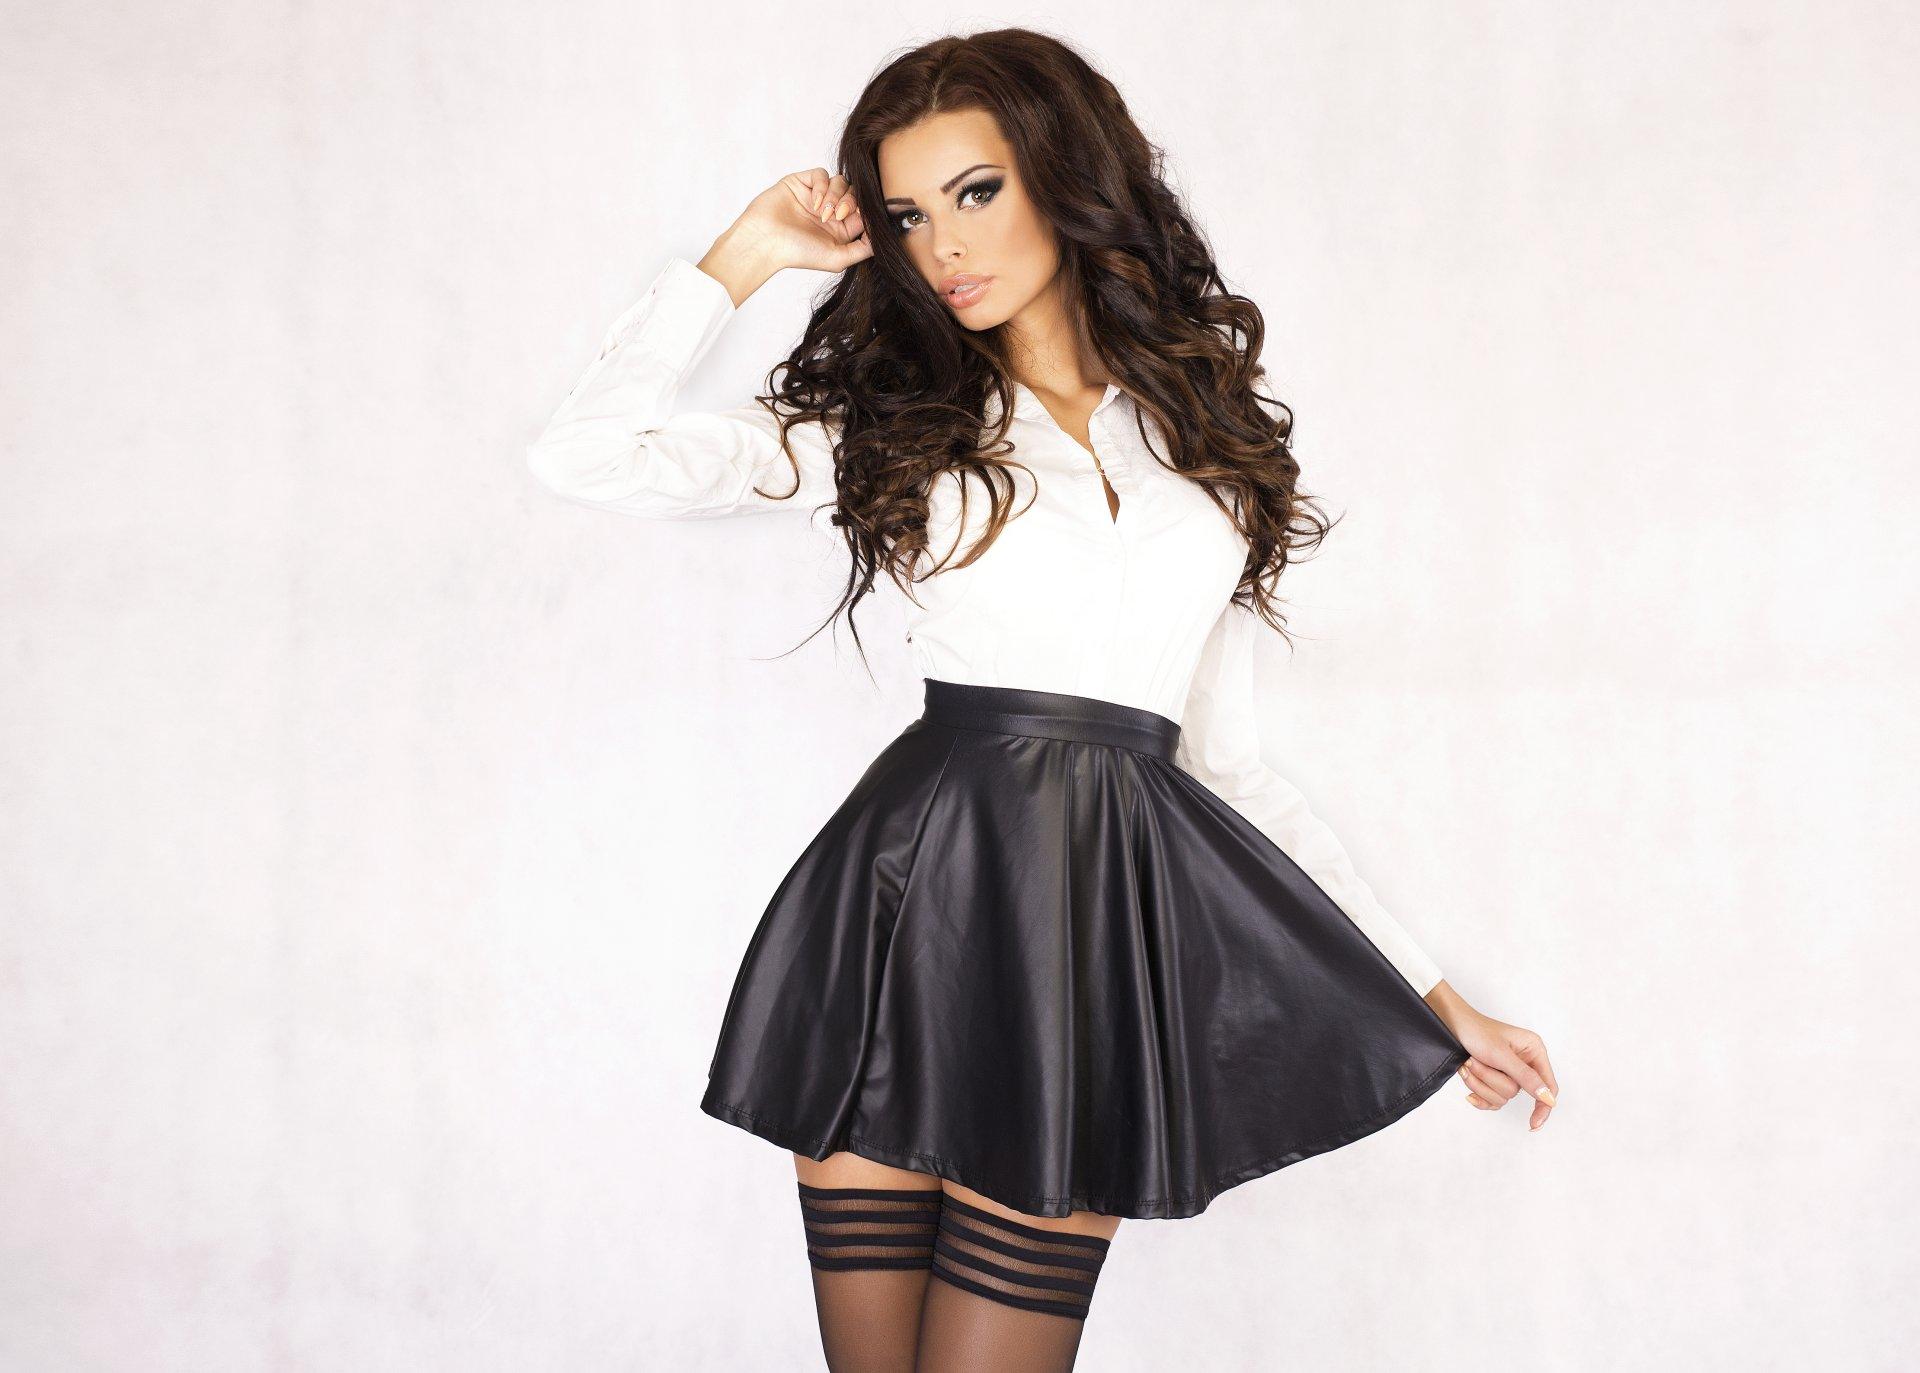 Девушка в черной мини юбке фото